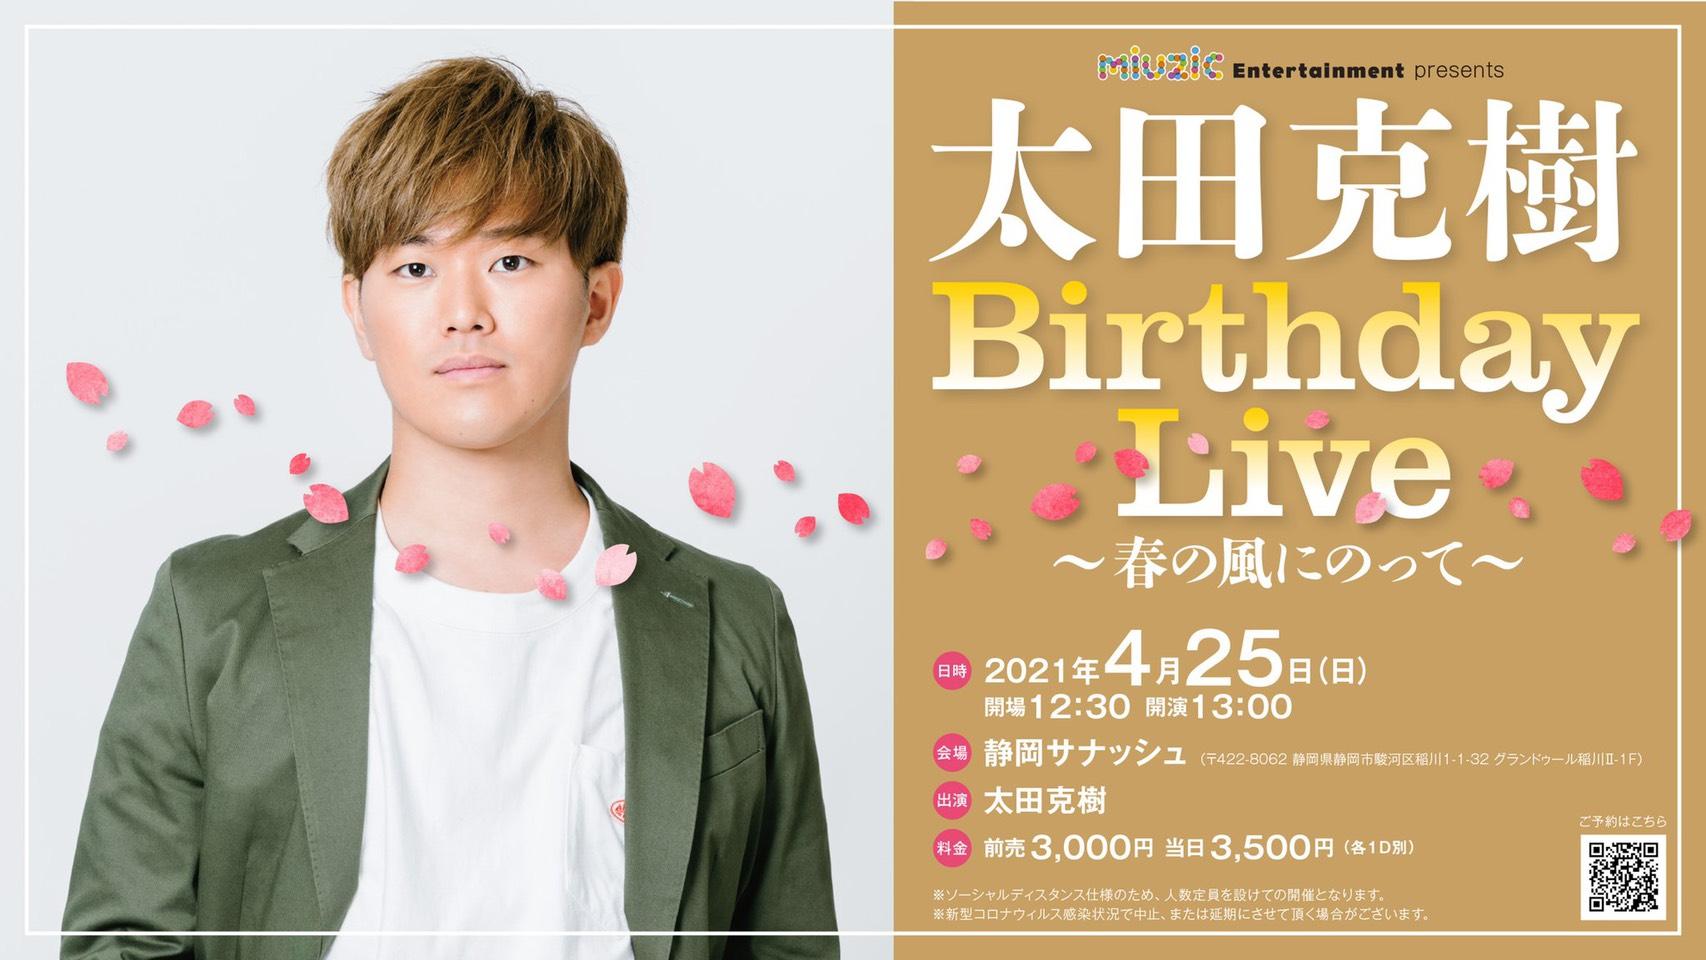 4/25(日)太田克樹 Birthday Live〜春の風にのって〜